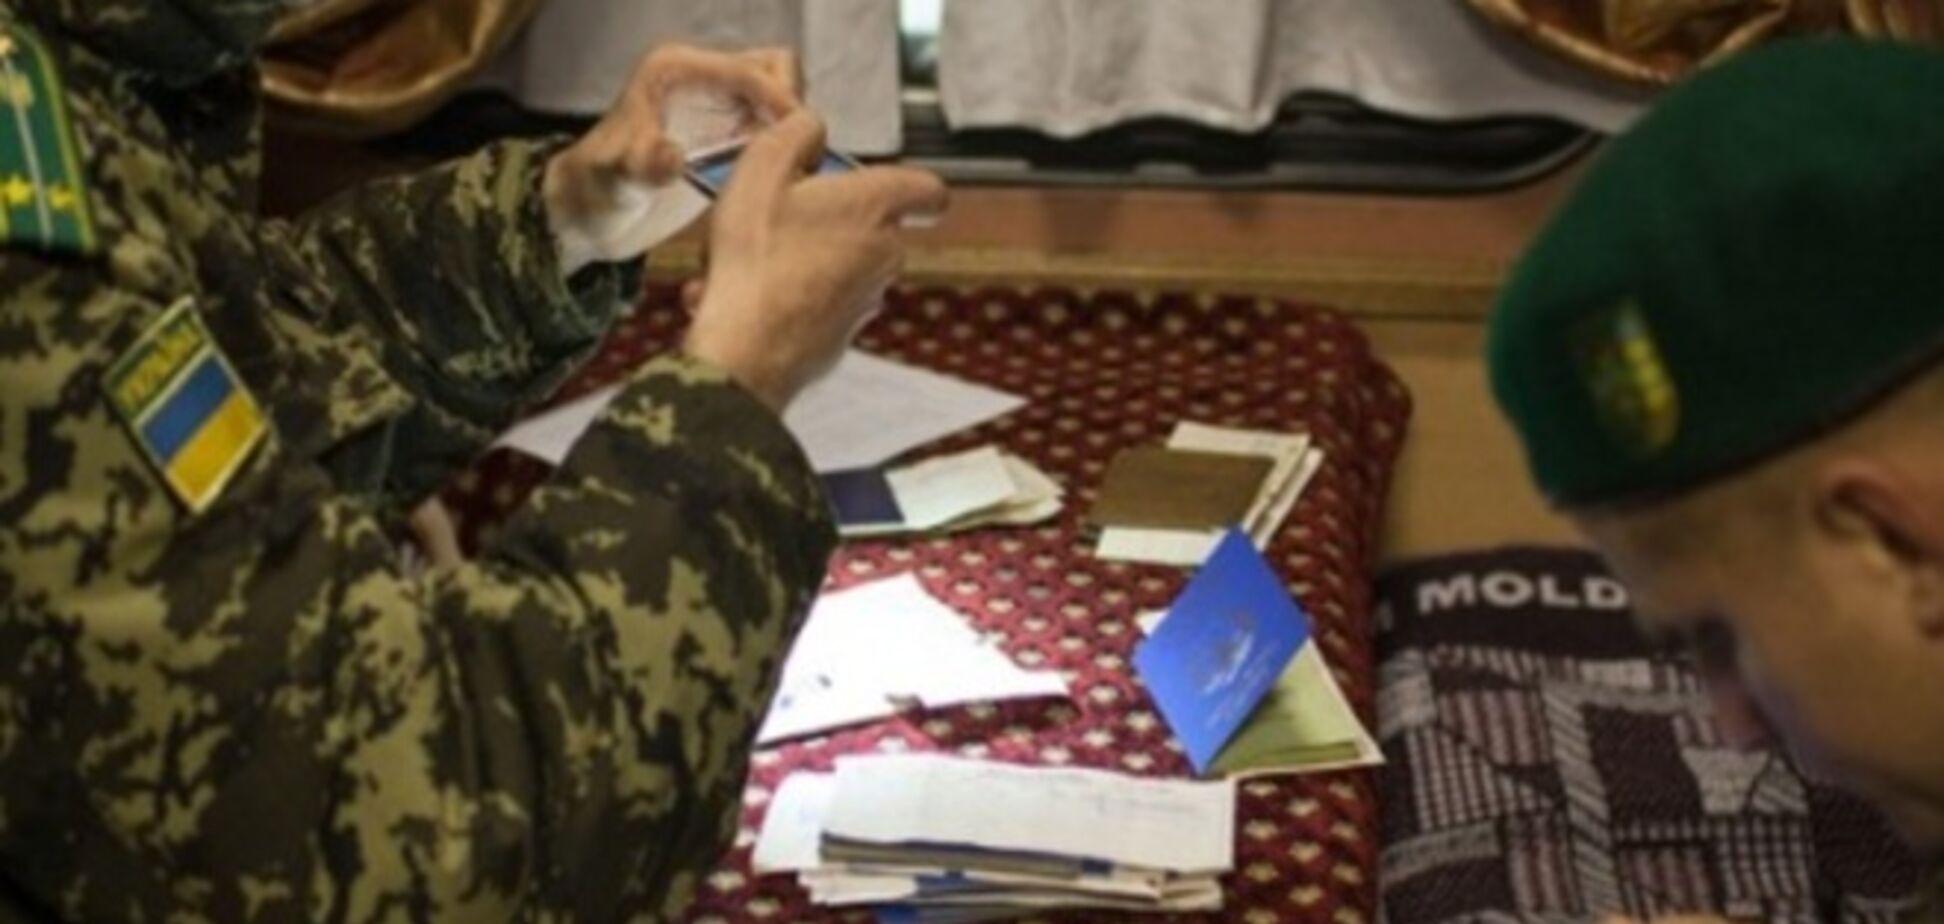 С загранпаспортом в зону АТО: украинские пограничники начали контроль выезжающих из оккупированных территорий - СМИ